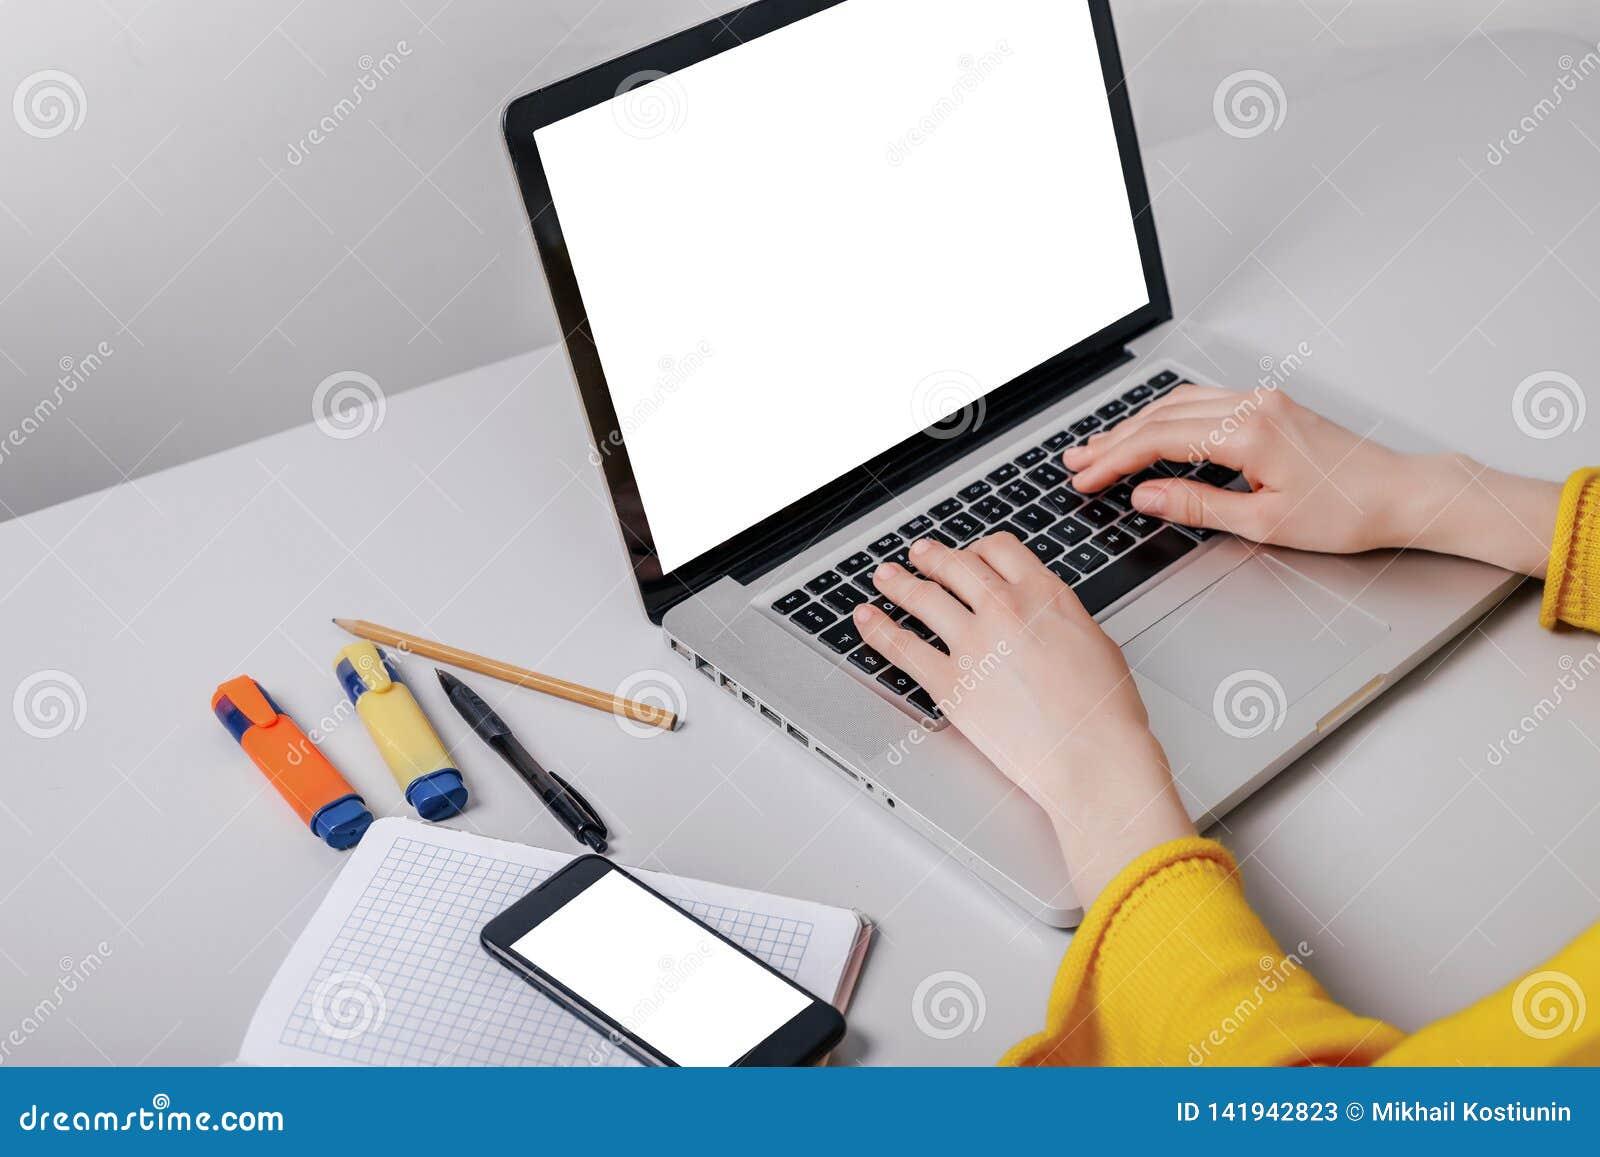 Τηλέφωνο κυττάρων εικόνας προτύπων, δακτυλογράφηση χεριών υπολογιστών με την κενή οθόνη για το κείμενο, κορίτσι χρησιμοποιώντας τ